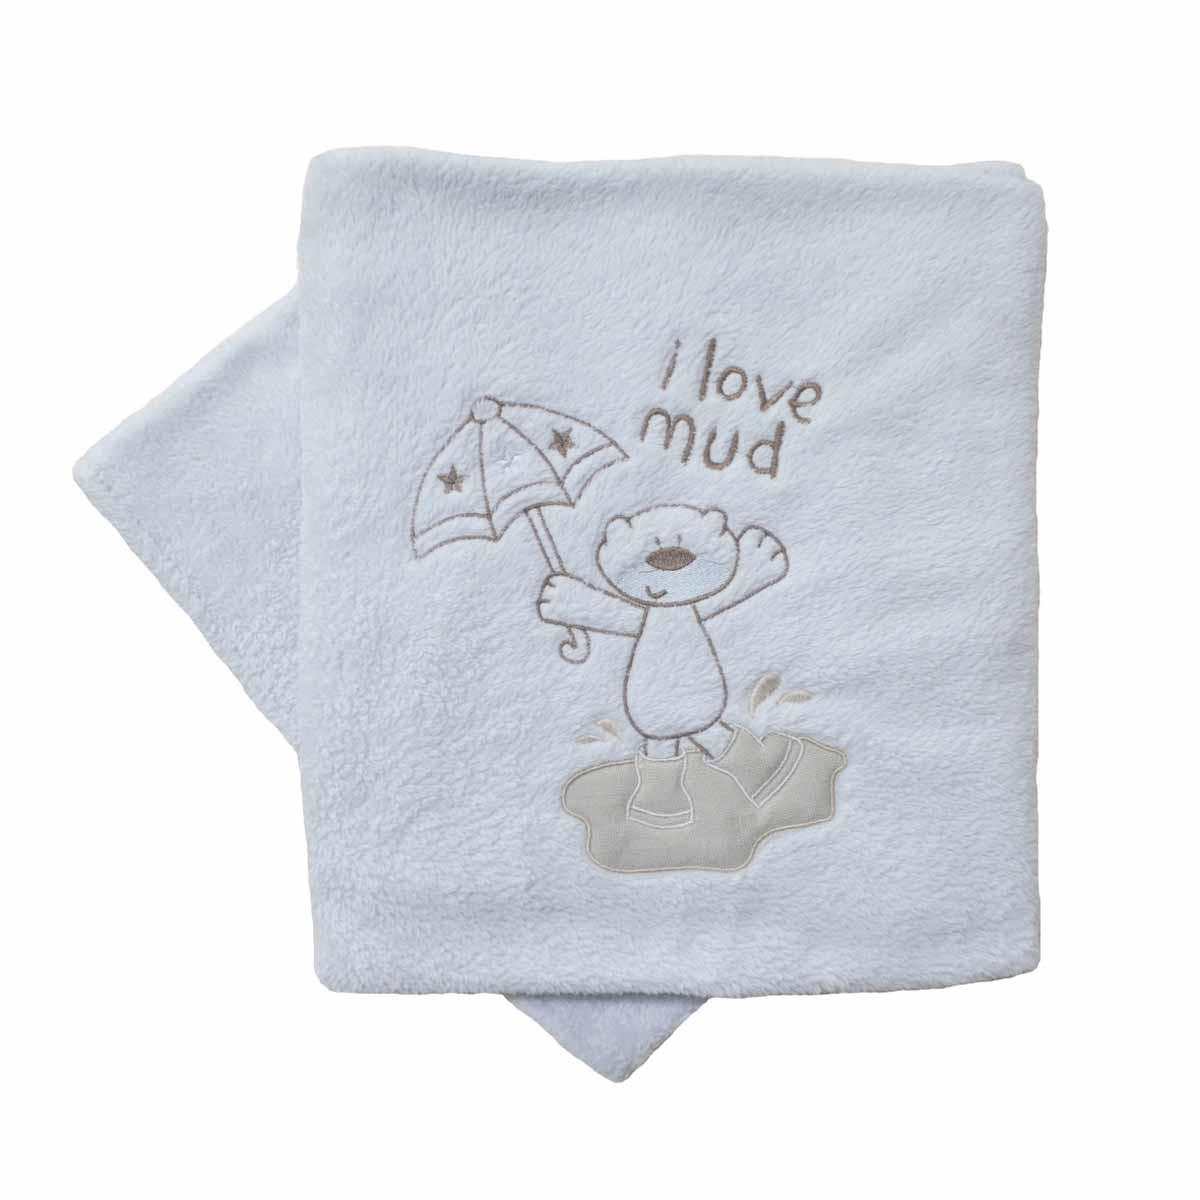 Κουβέρτα Fleece Αγκαλιάς Κόσμος Του Μωρού 0060 Mud Γκρι